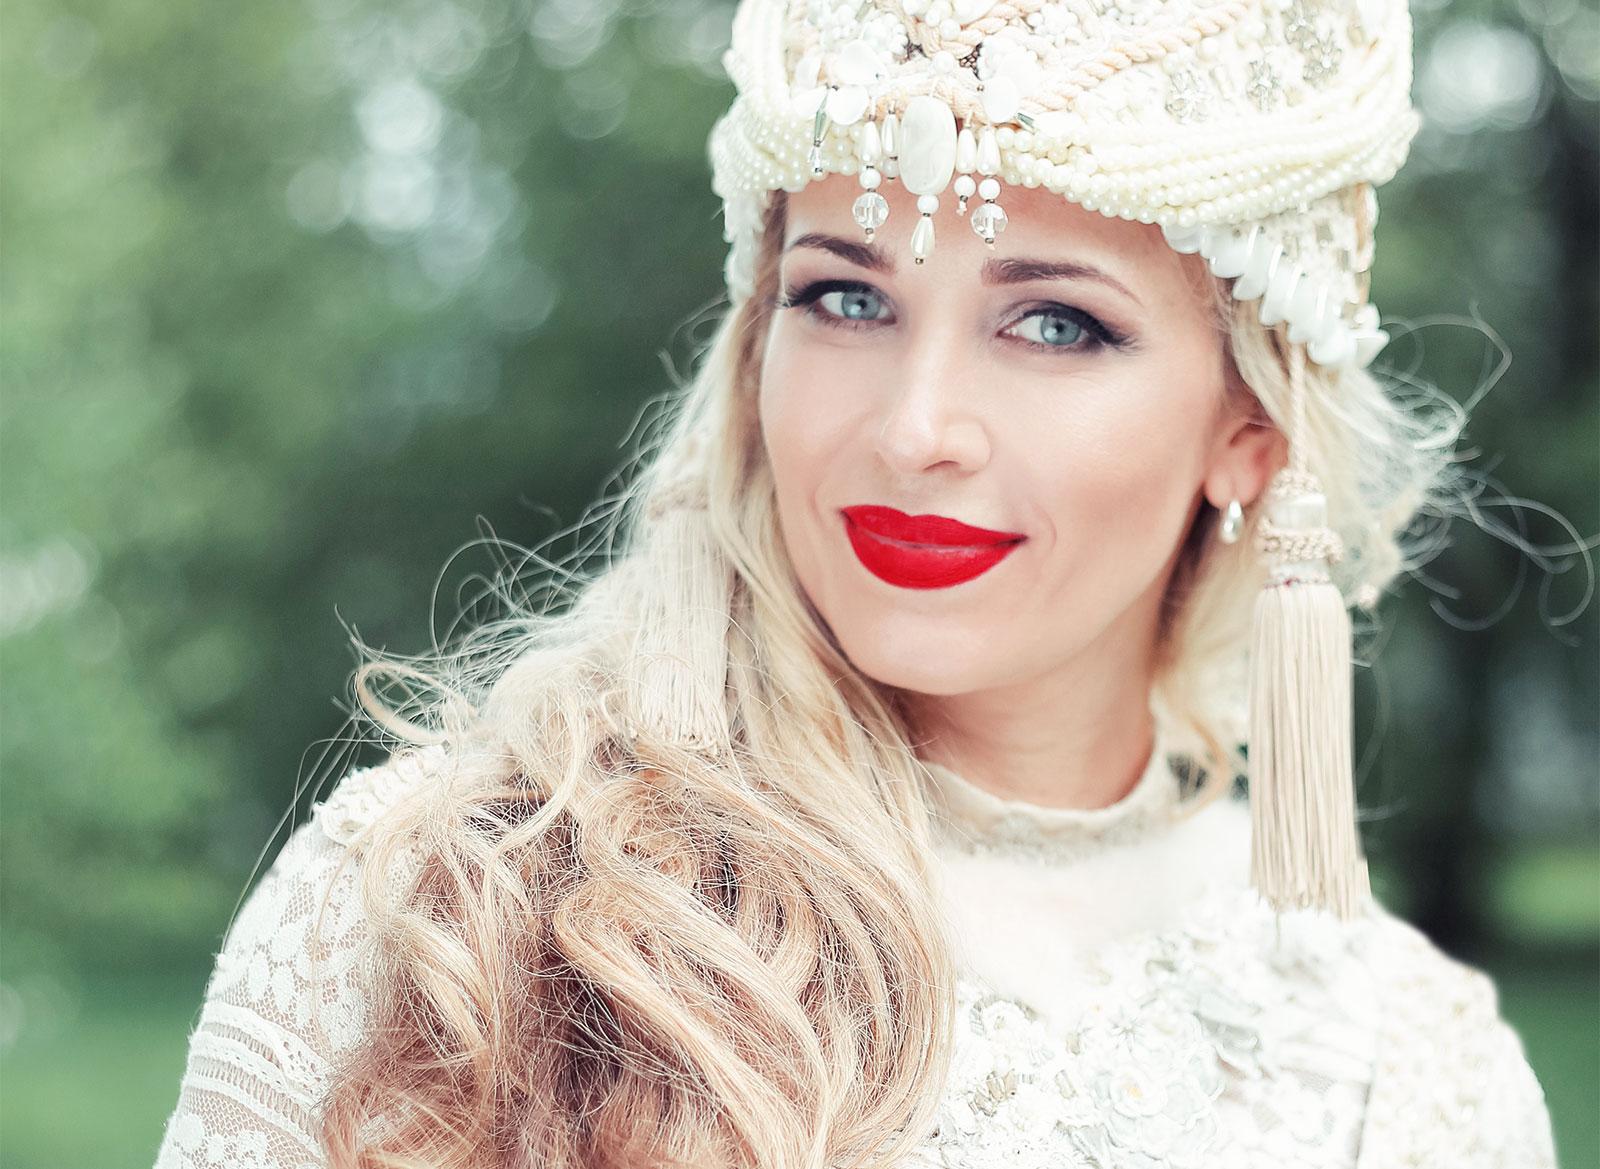 Олеся Евстигнеева, певица, заслуженная артистка России